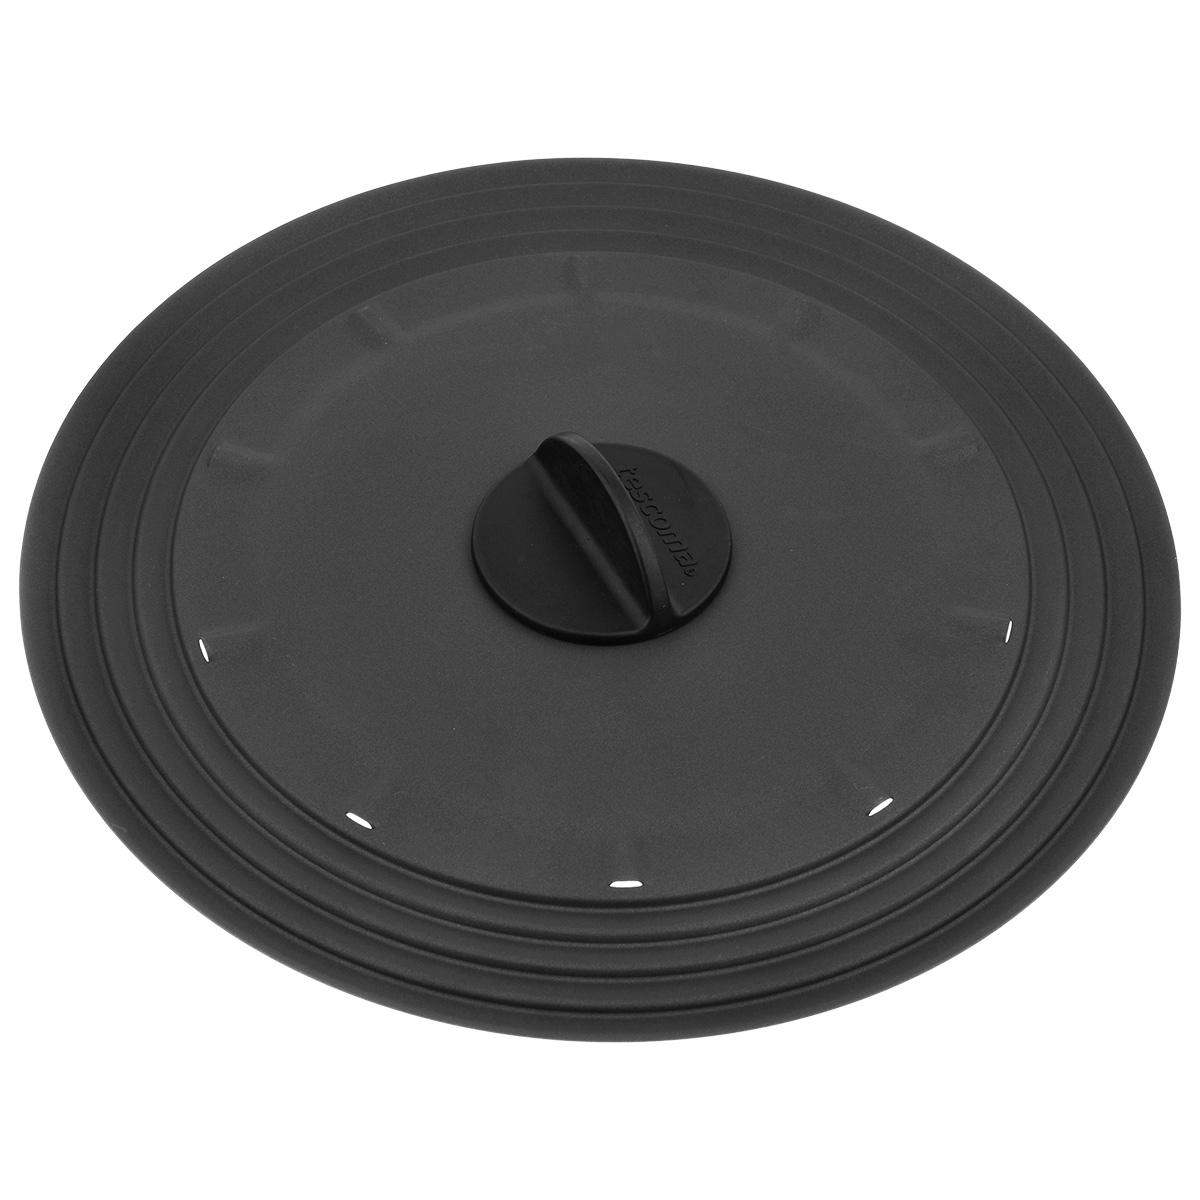 Крышка универсальная Tescoma Presto, для сковородок диаметром 26-30 см594954Крышка Tescoma Presto подходит в качестве универсальной крышки к сковородам диаметром 26-30 см. Изготовлена из огнеупорного нейлона с высококачественным антипригарным покрытием для легкой очистки. Имеет несколько отверстий для выхода пара. Ручка не нагревается.Можно мыть в посудомоечной машине.